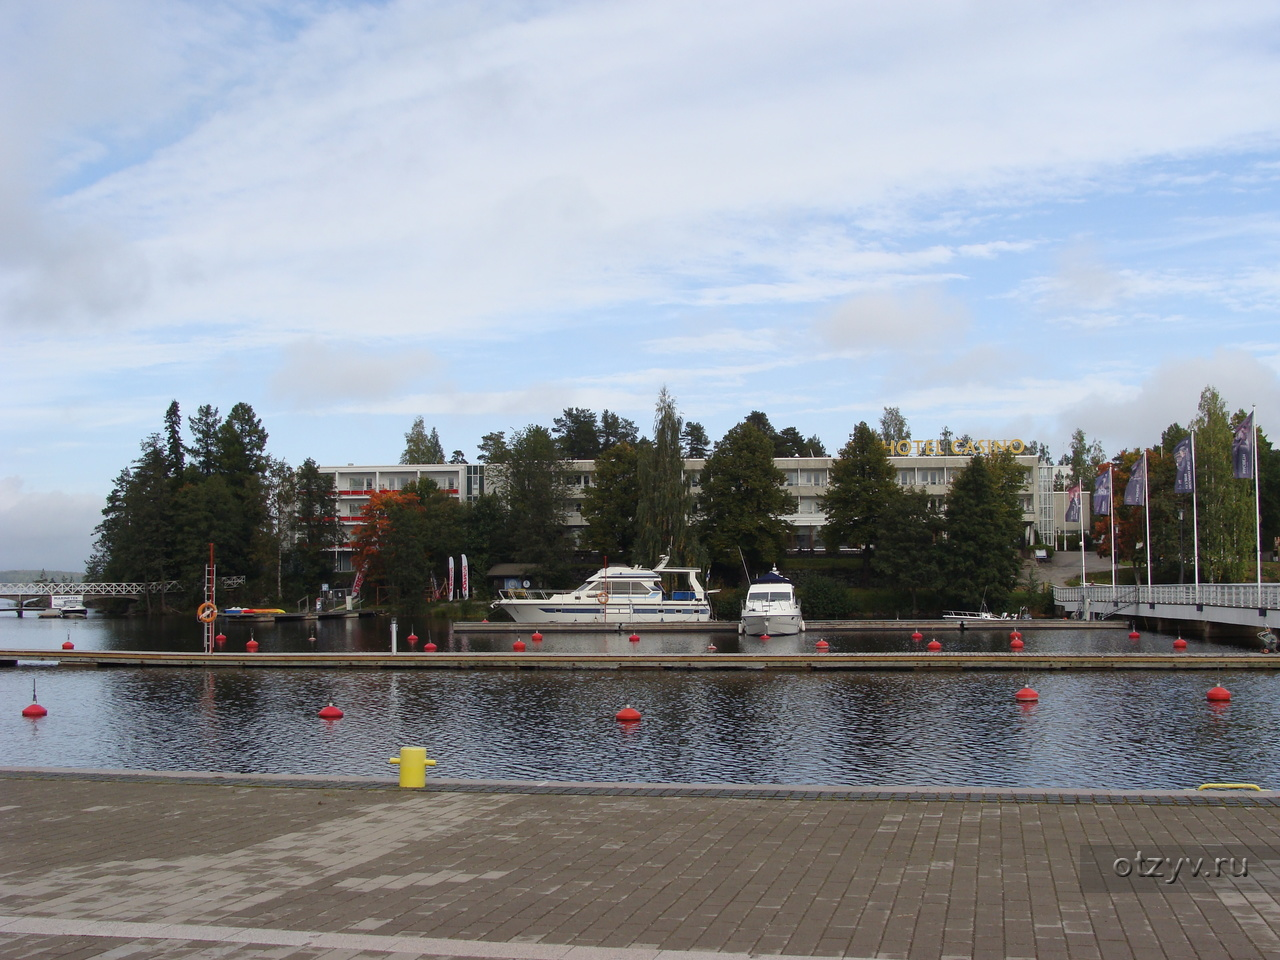 Отзывы об отеле казино в финляндии игры казино реал